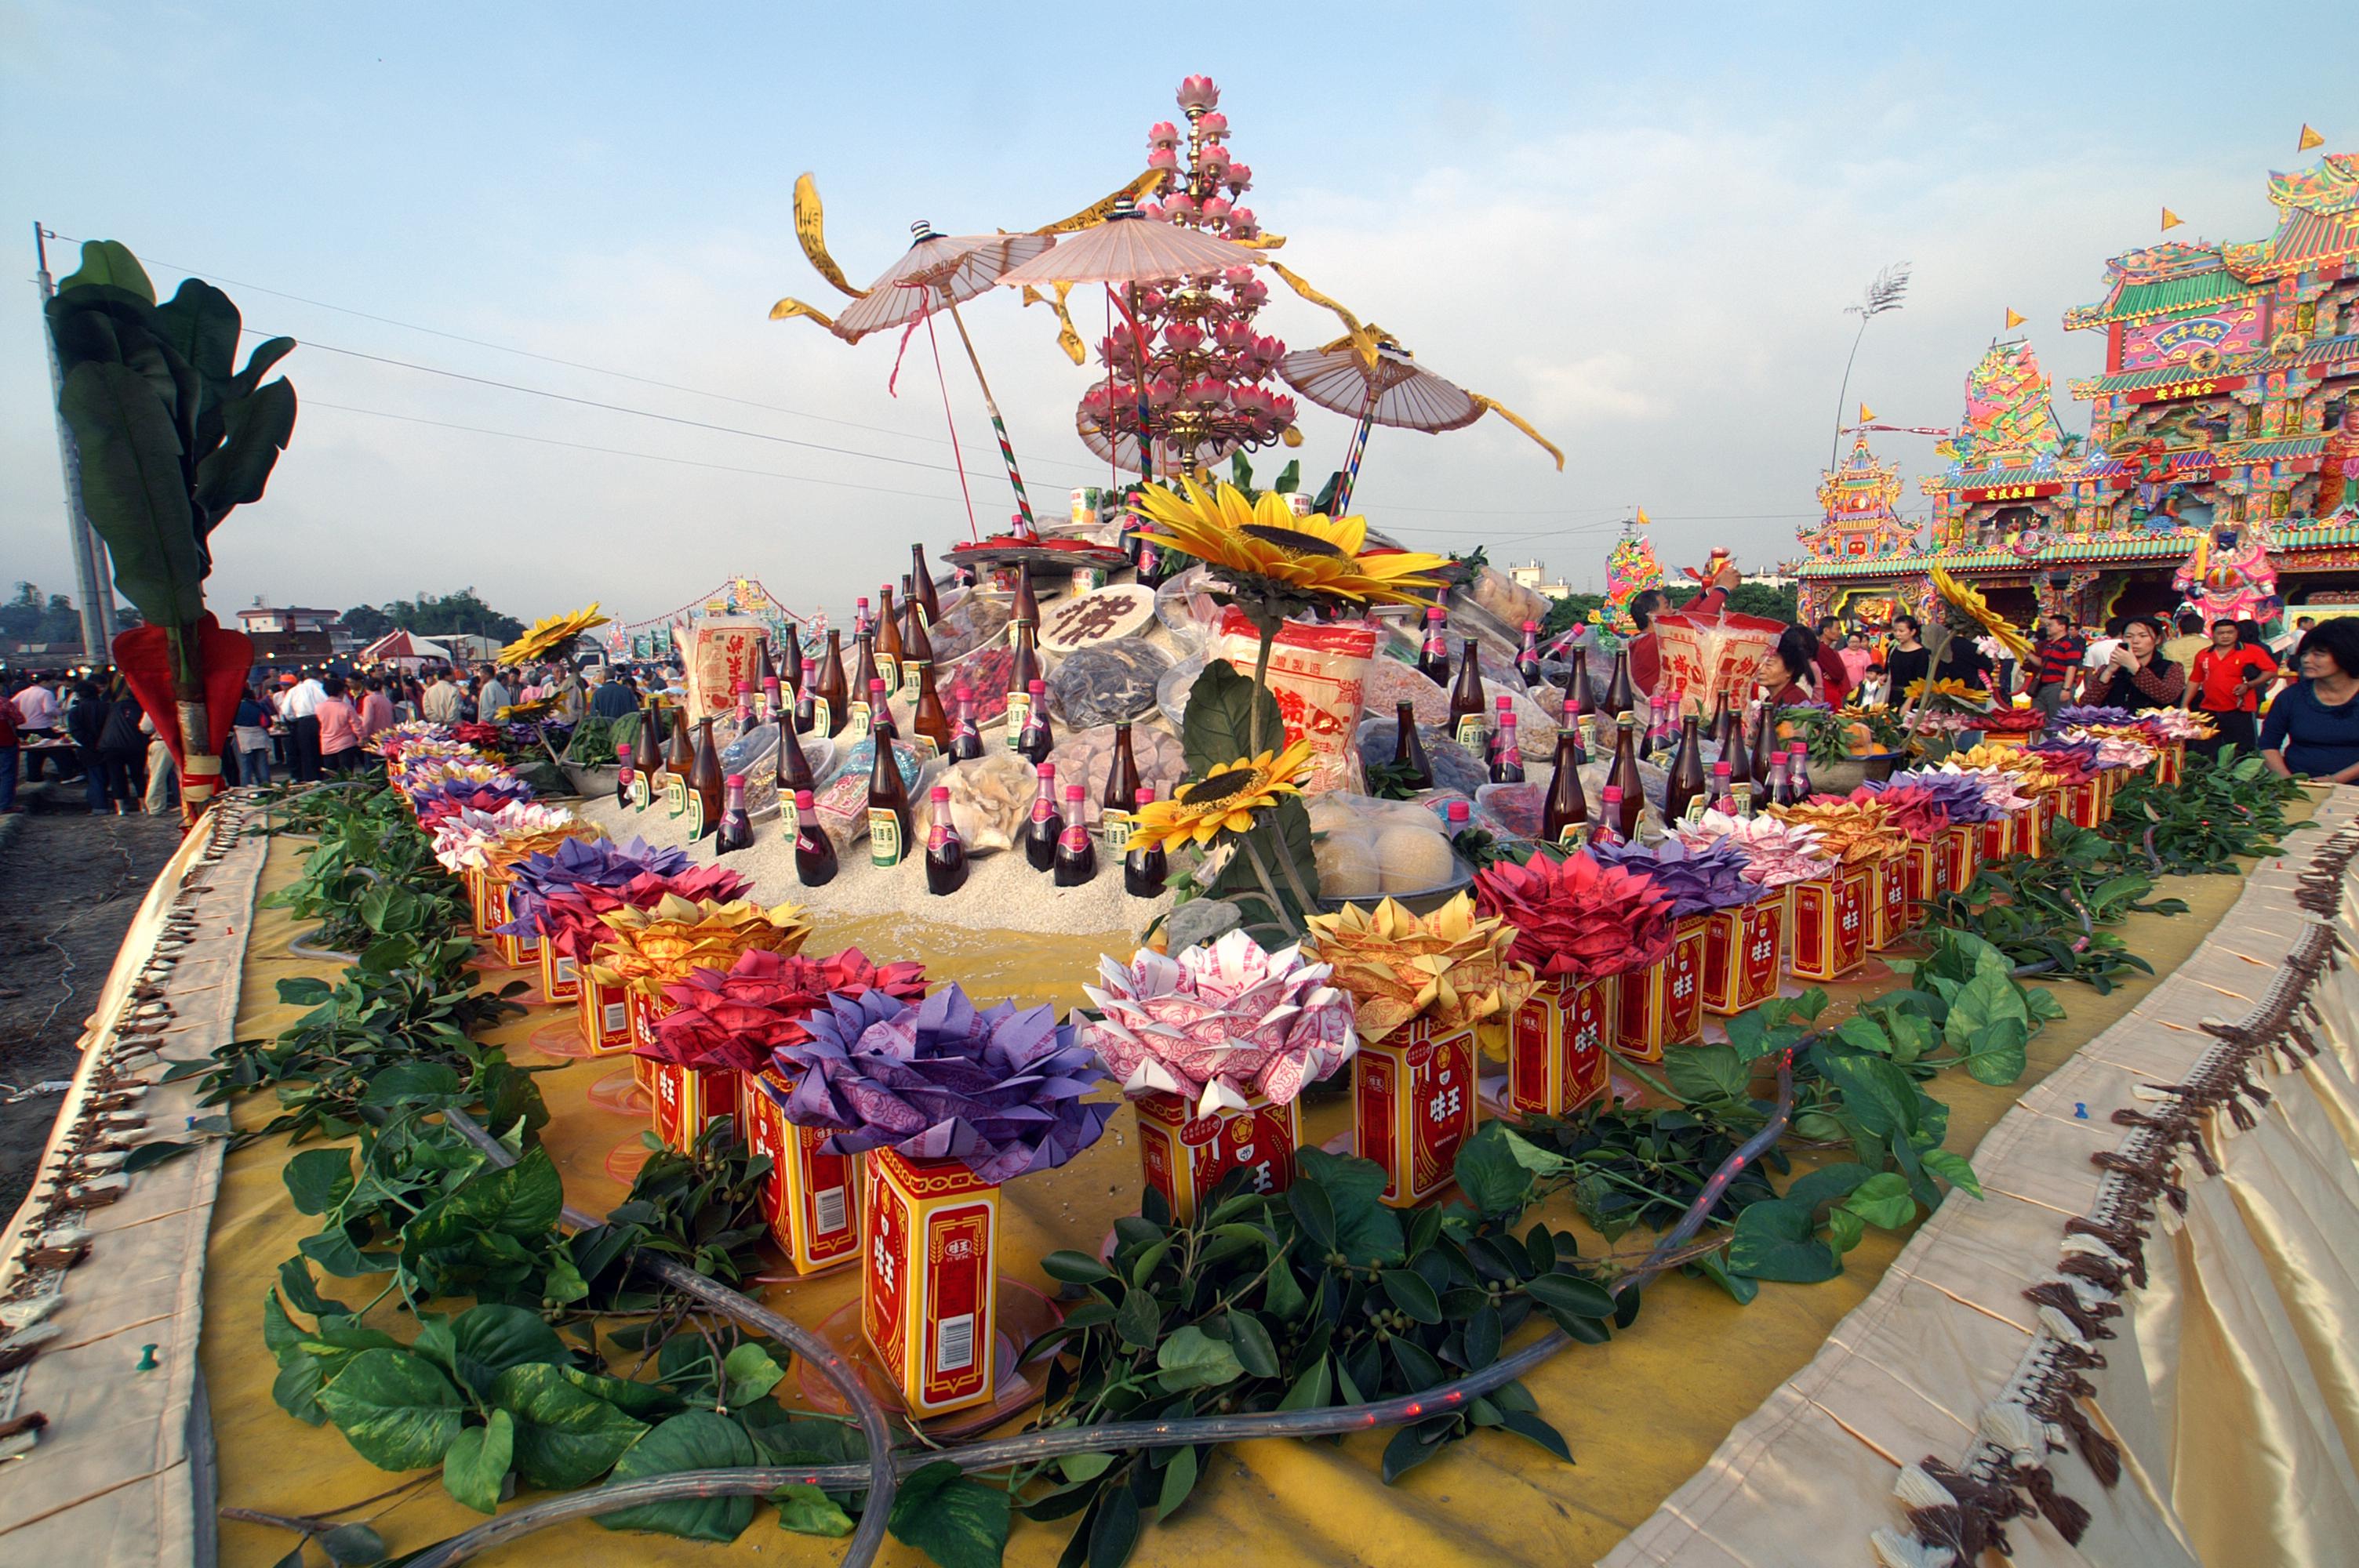 寶藏寺 祈安福醮盛典